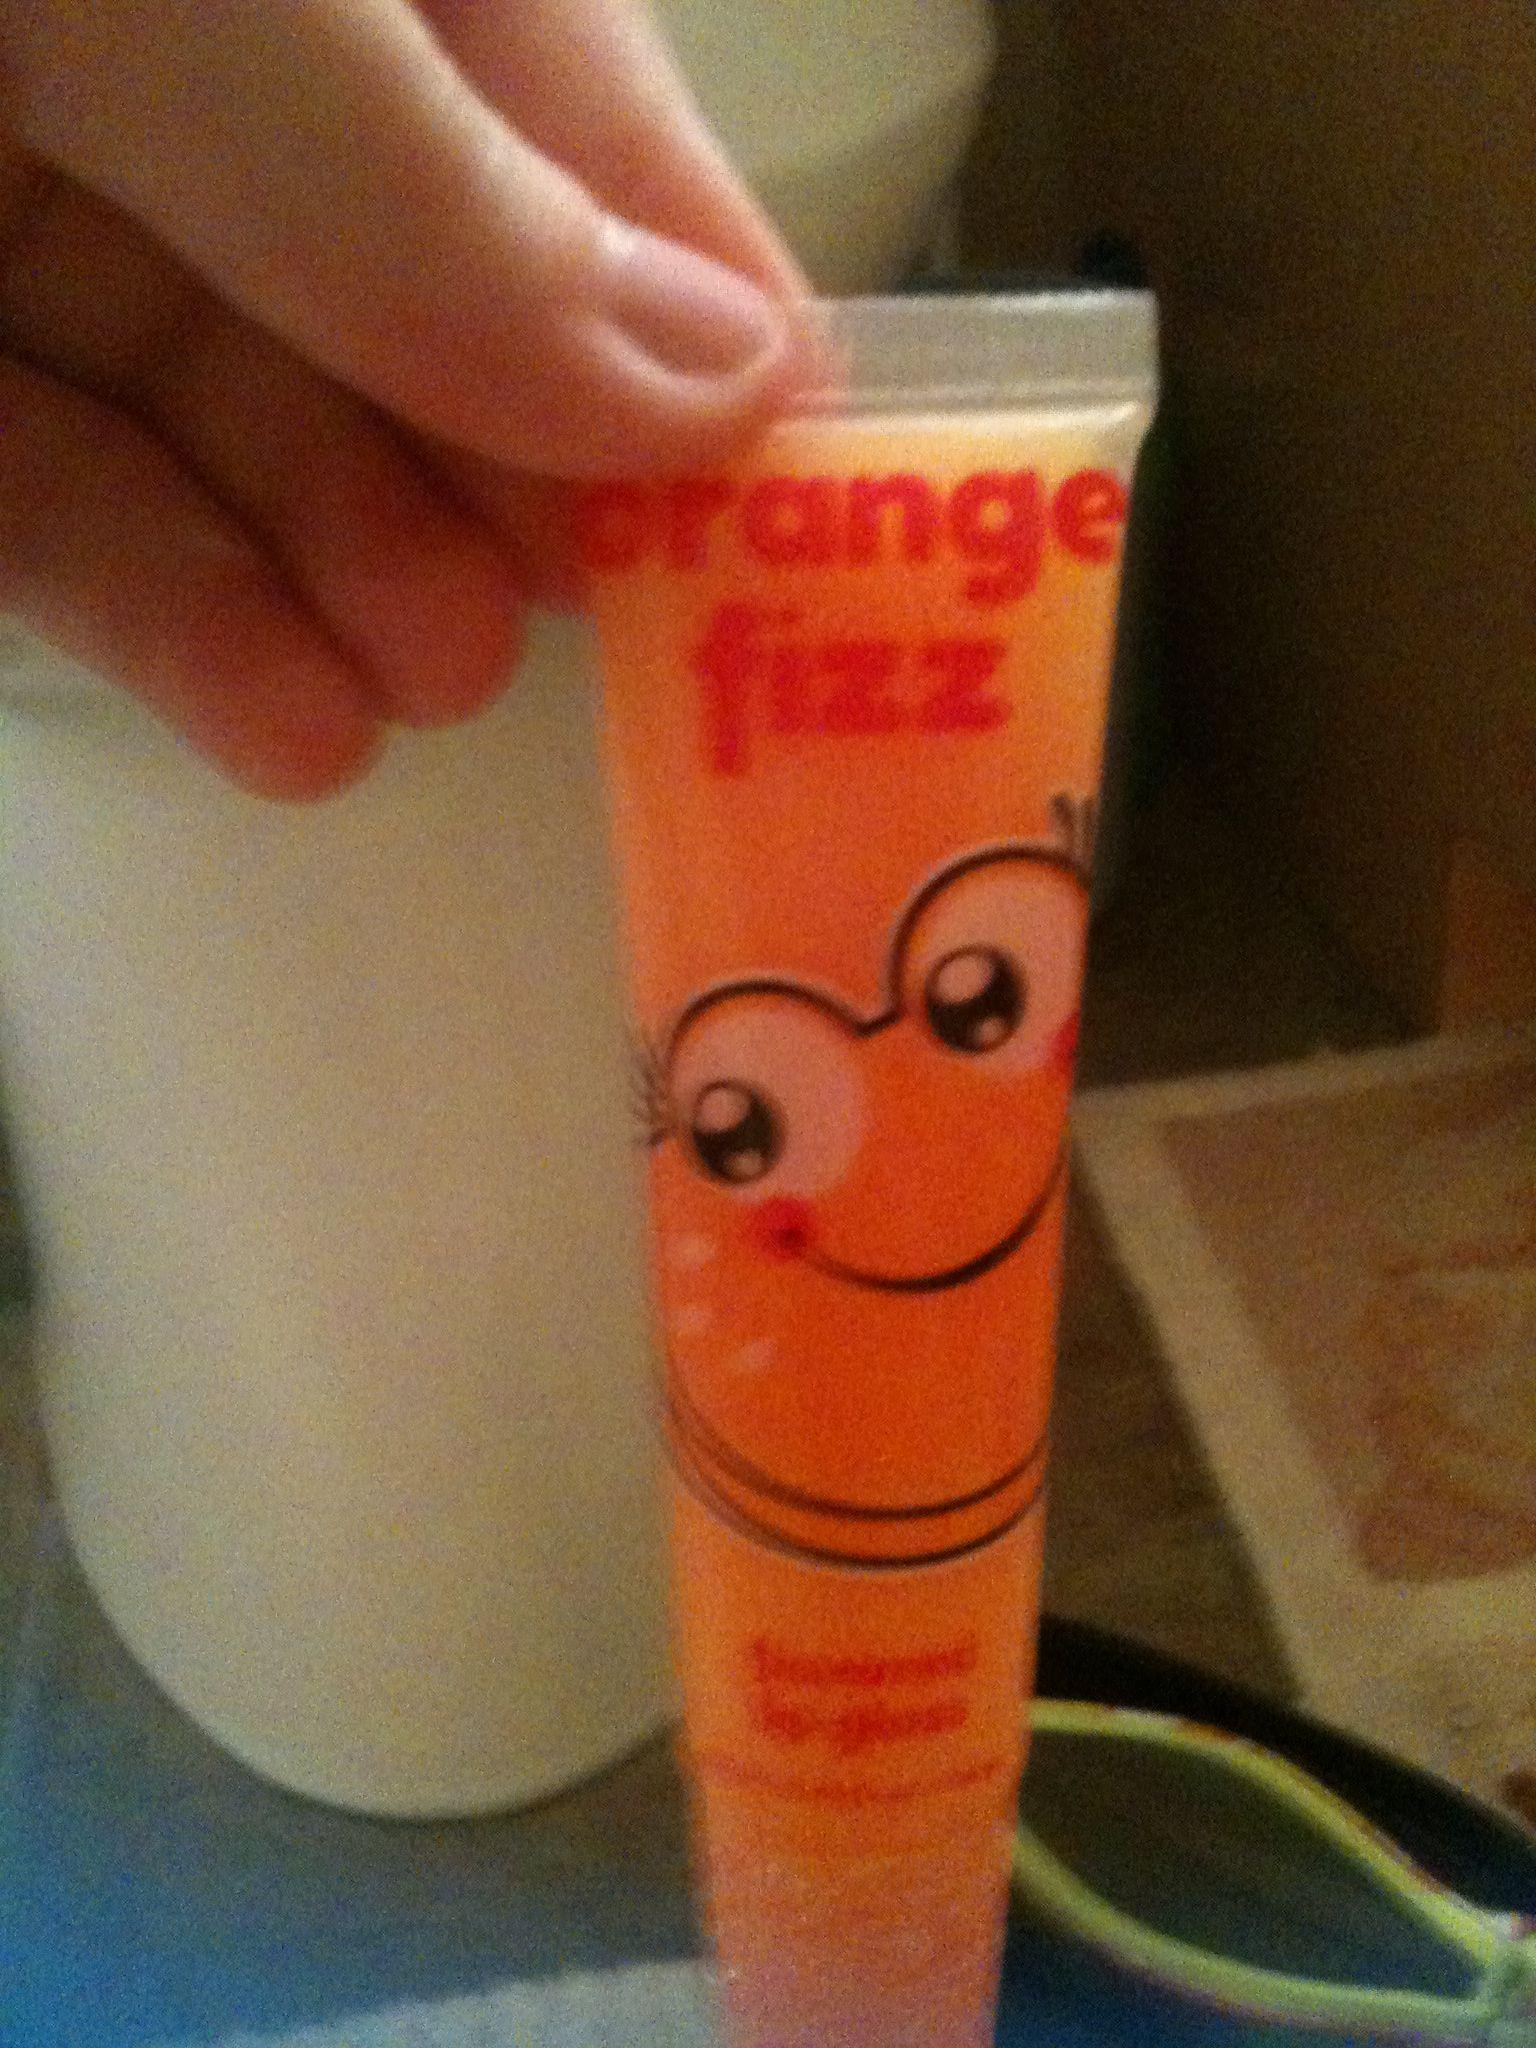 Orange Fizz Justice lip gloss Lip balm, The balm, Lip gloss